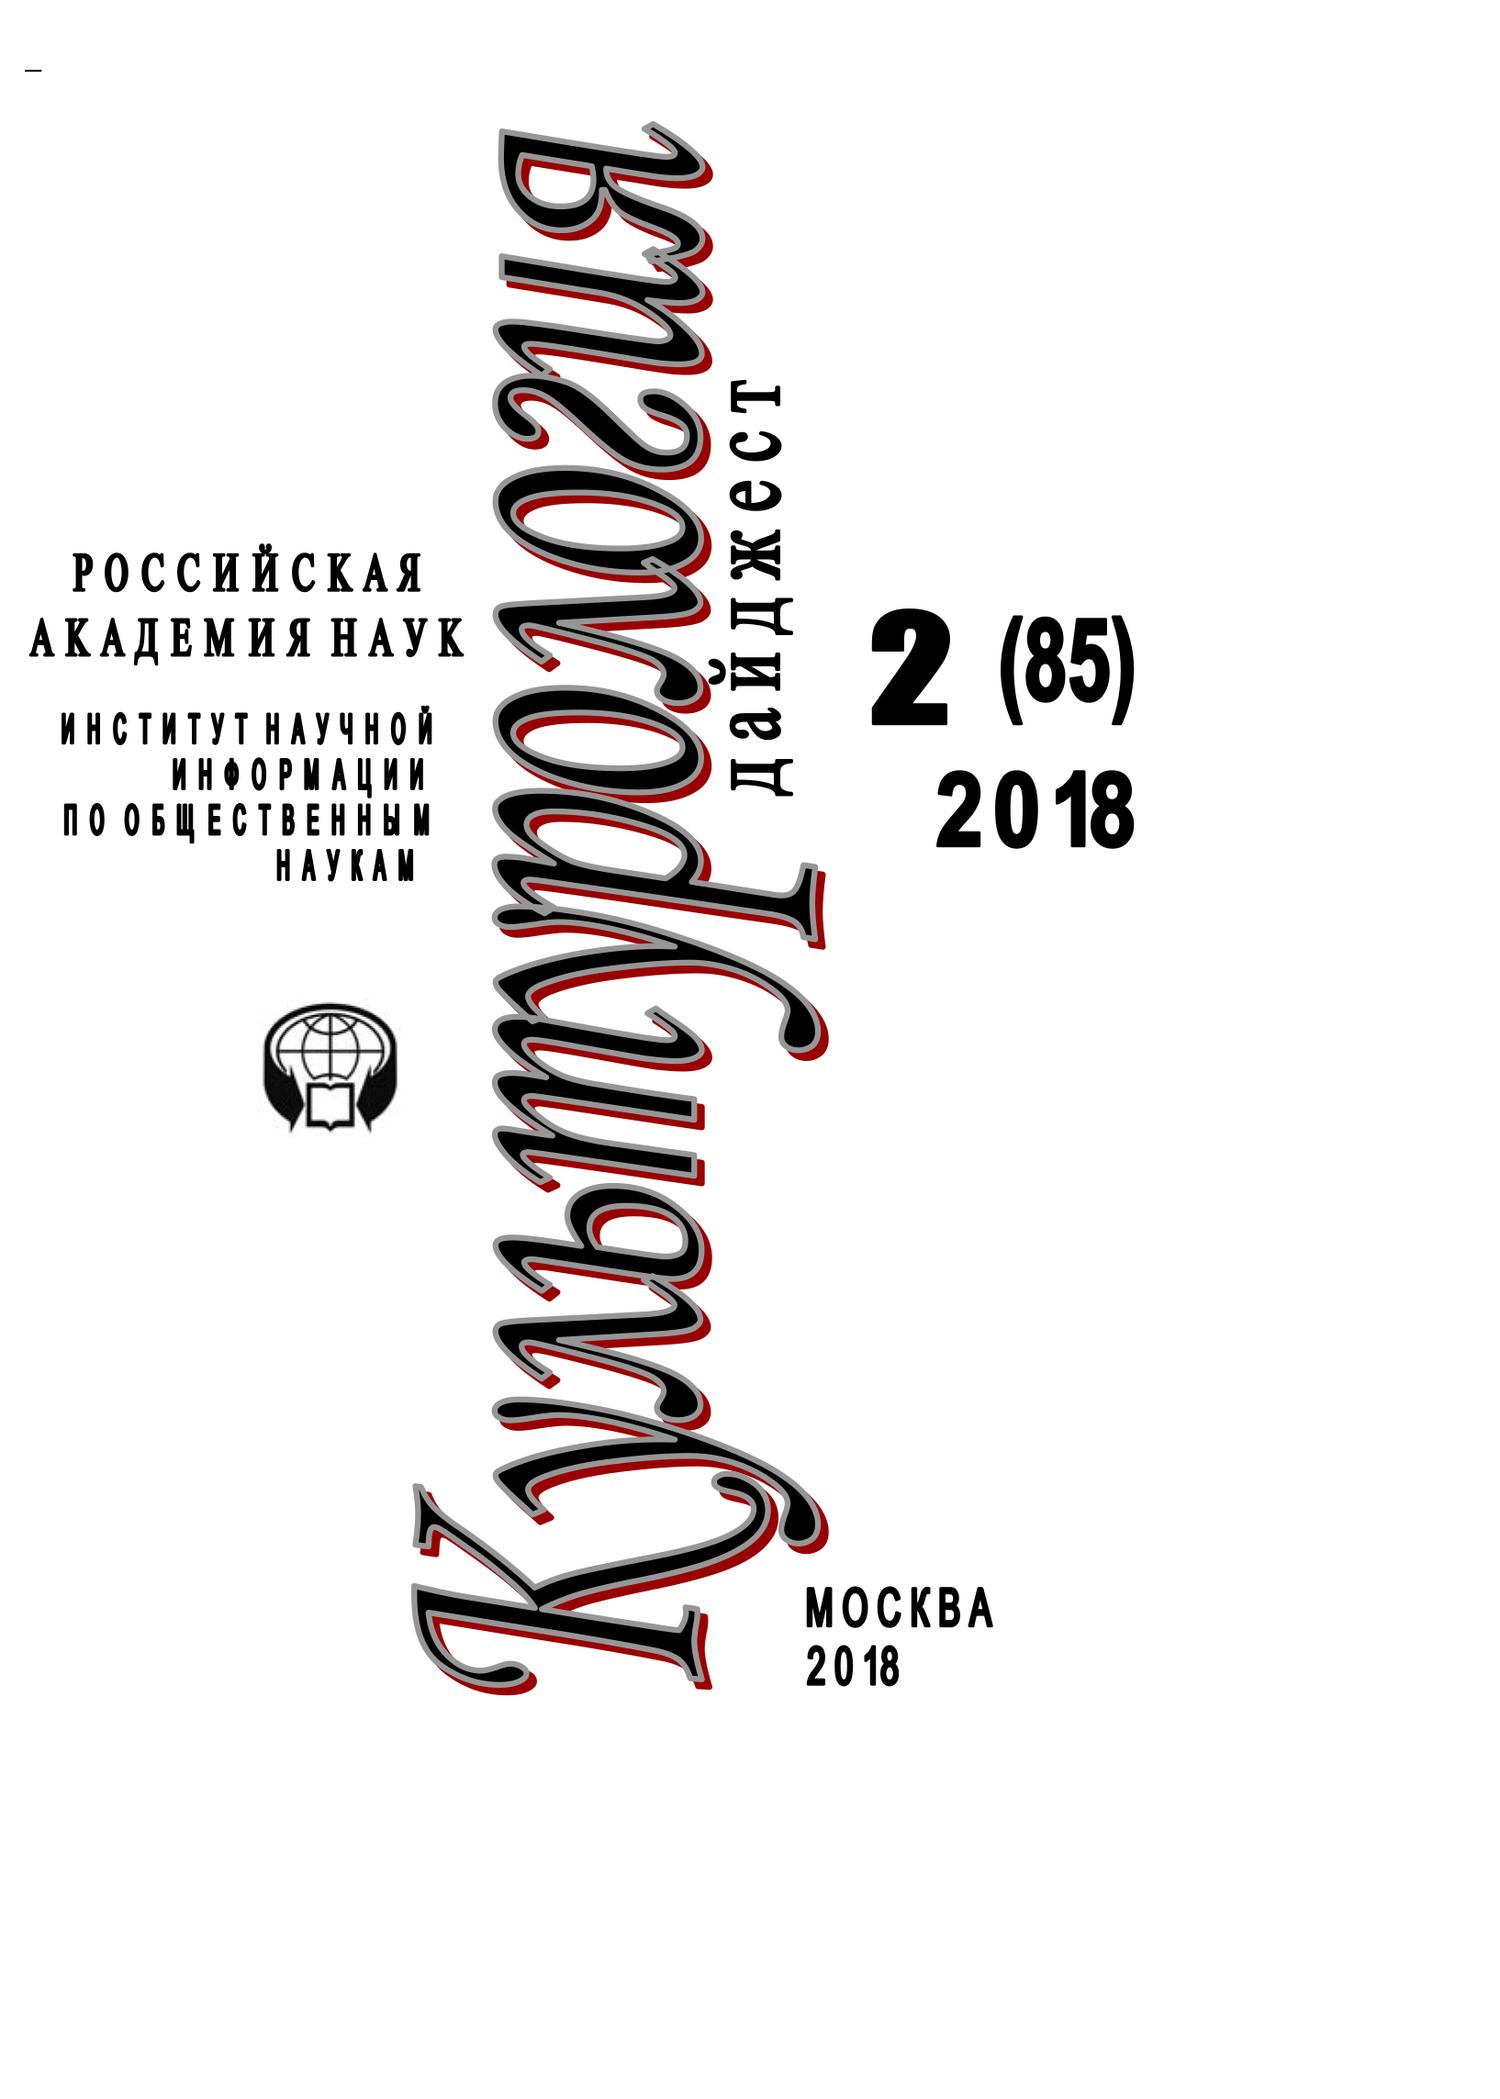 Ирина Галинская - Культурология. Дайджест №2 / 2018